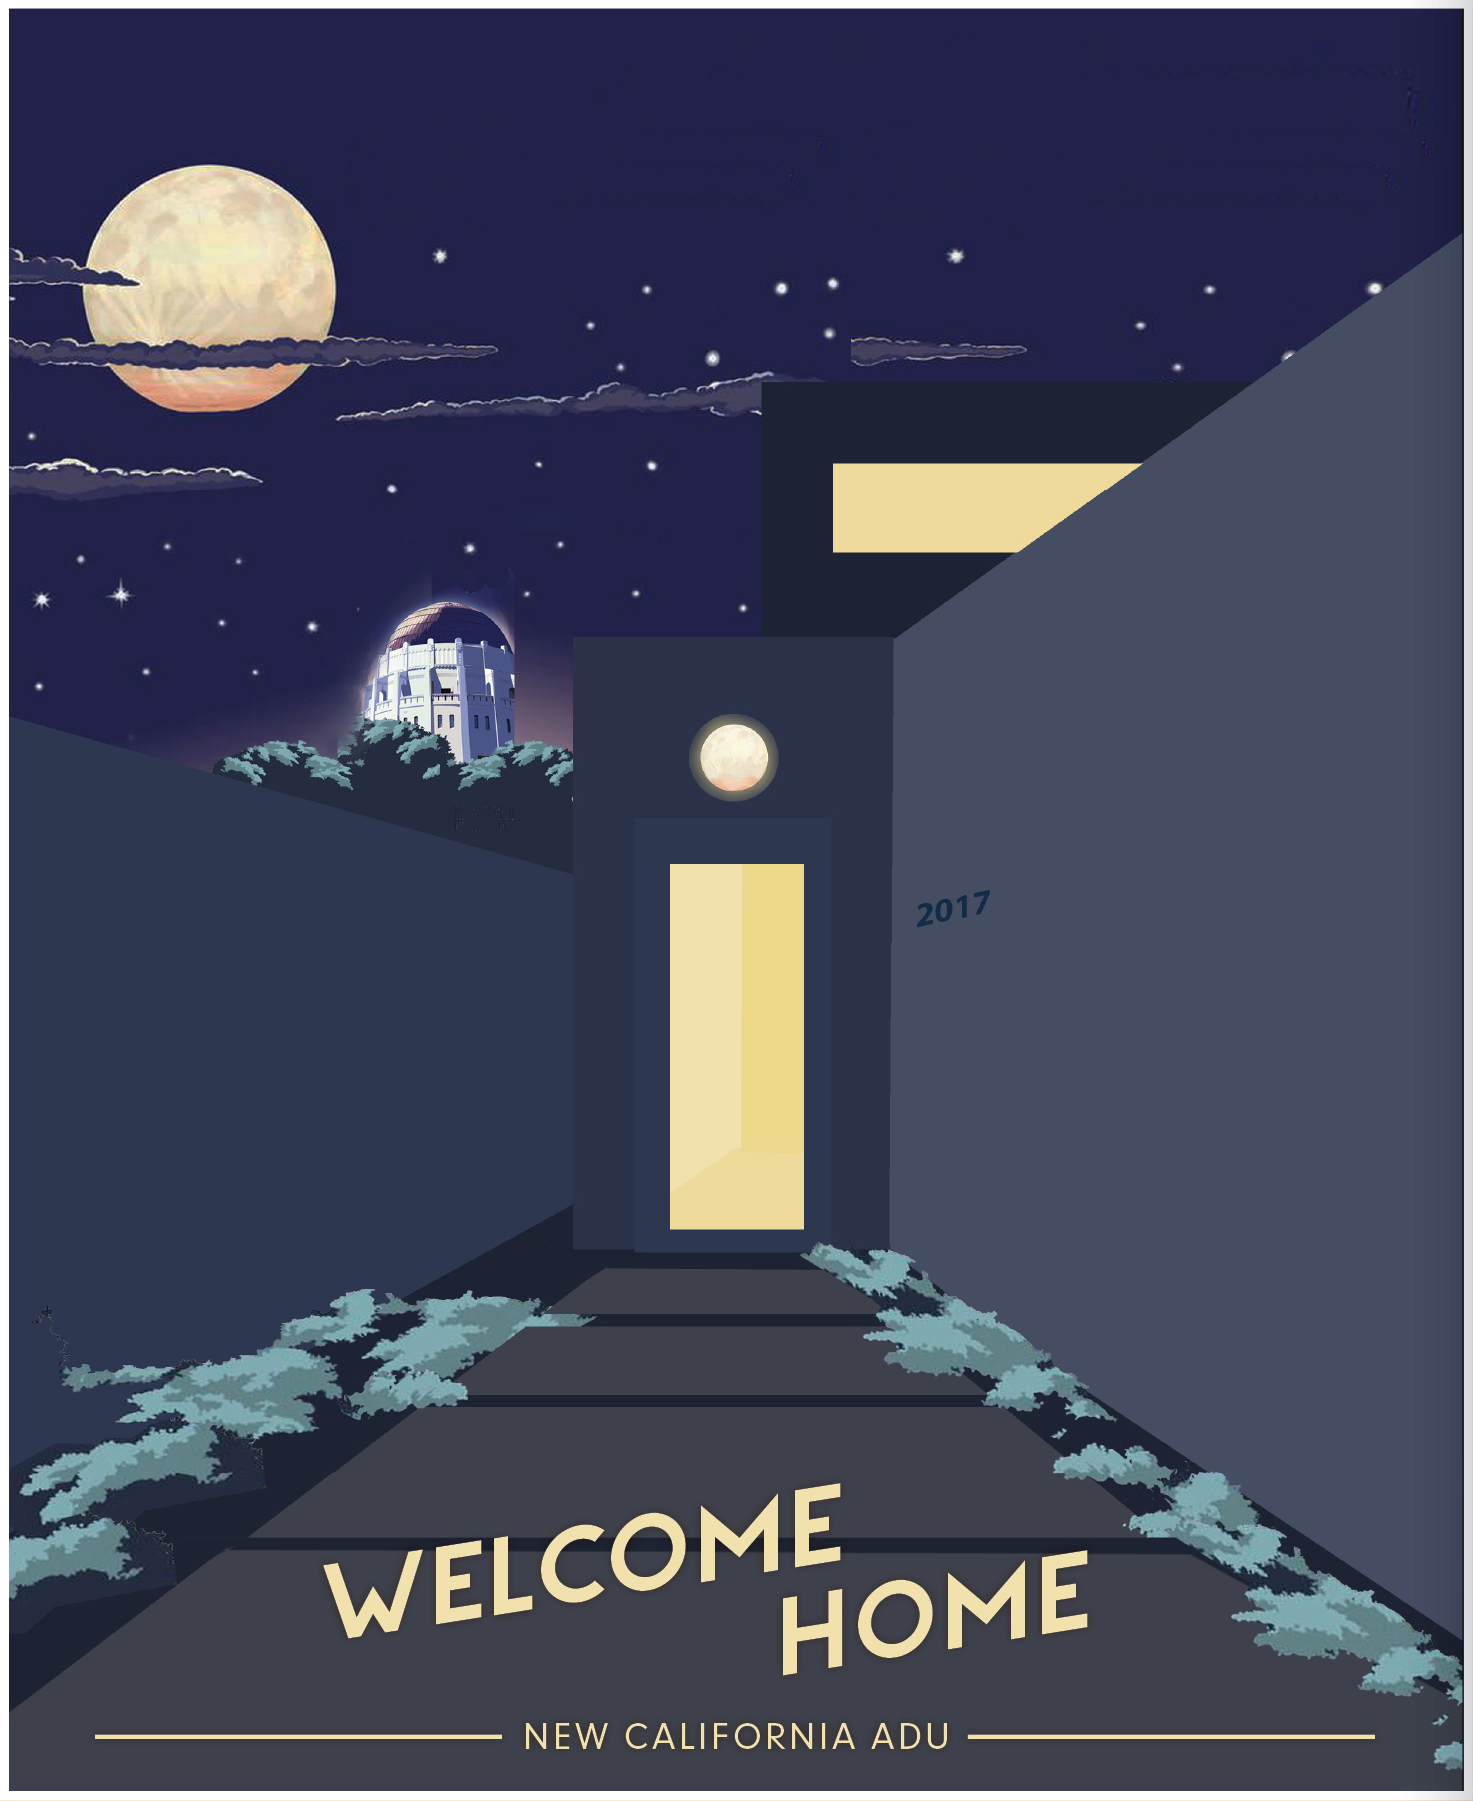 adu_manifesto_WELCOME HOME.jpg